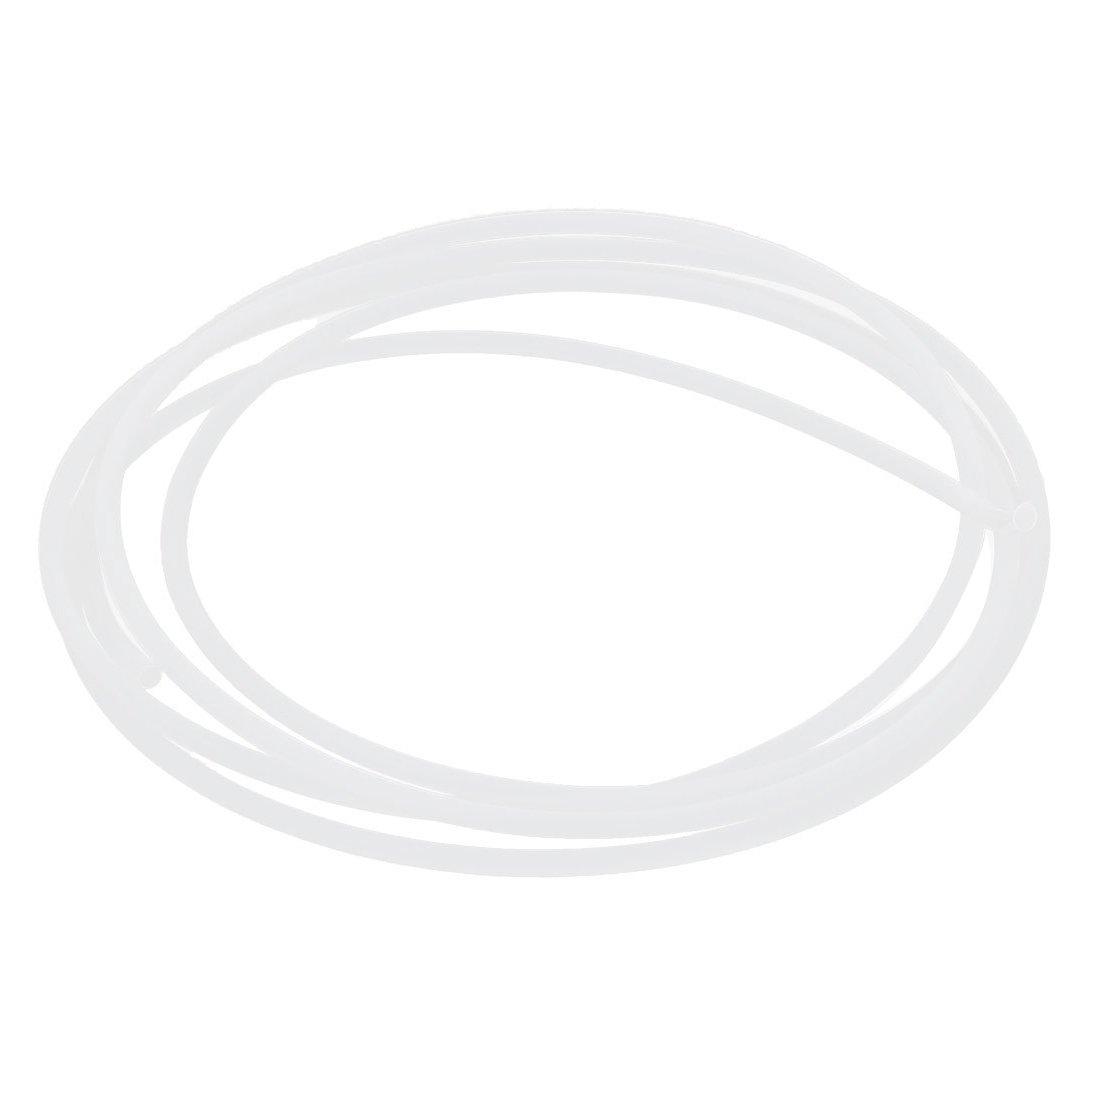 TOOGOO(R) 2M Laenge 3mm ID 4mm OD PTFE Rohrleitung Schlauch Rohr fuer 3D Drucker